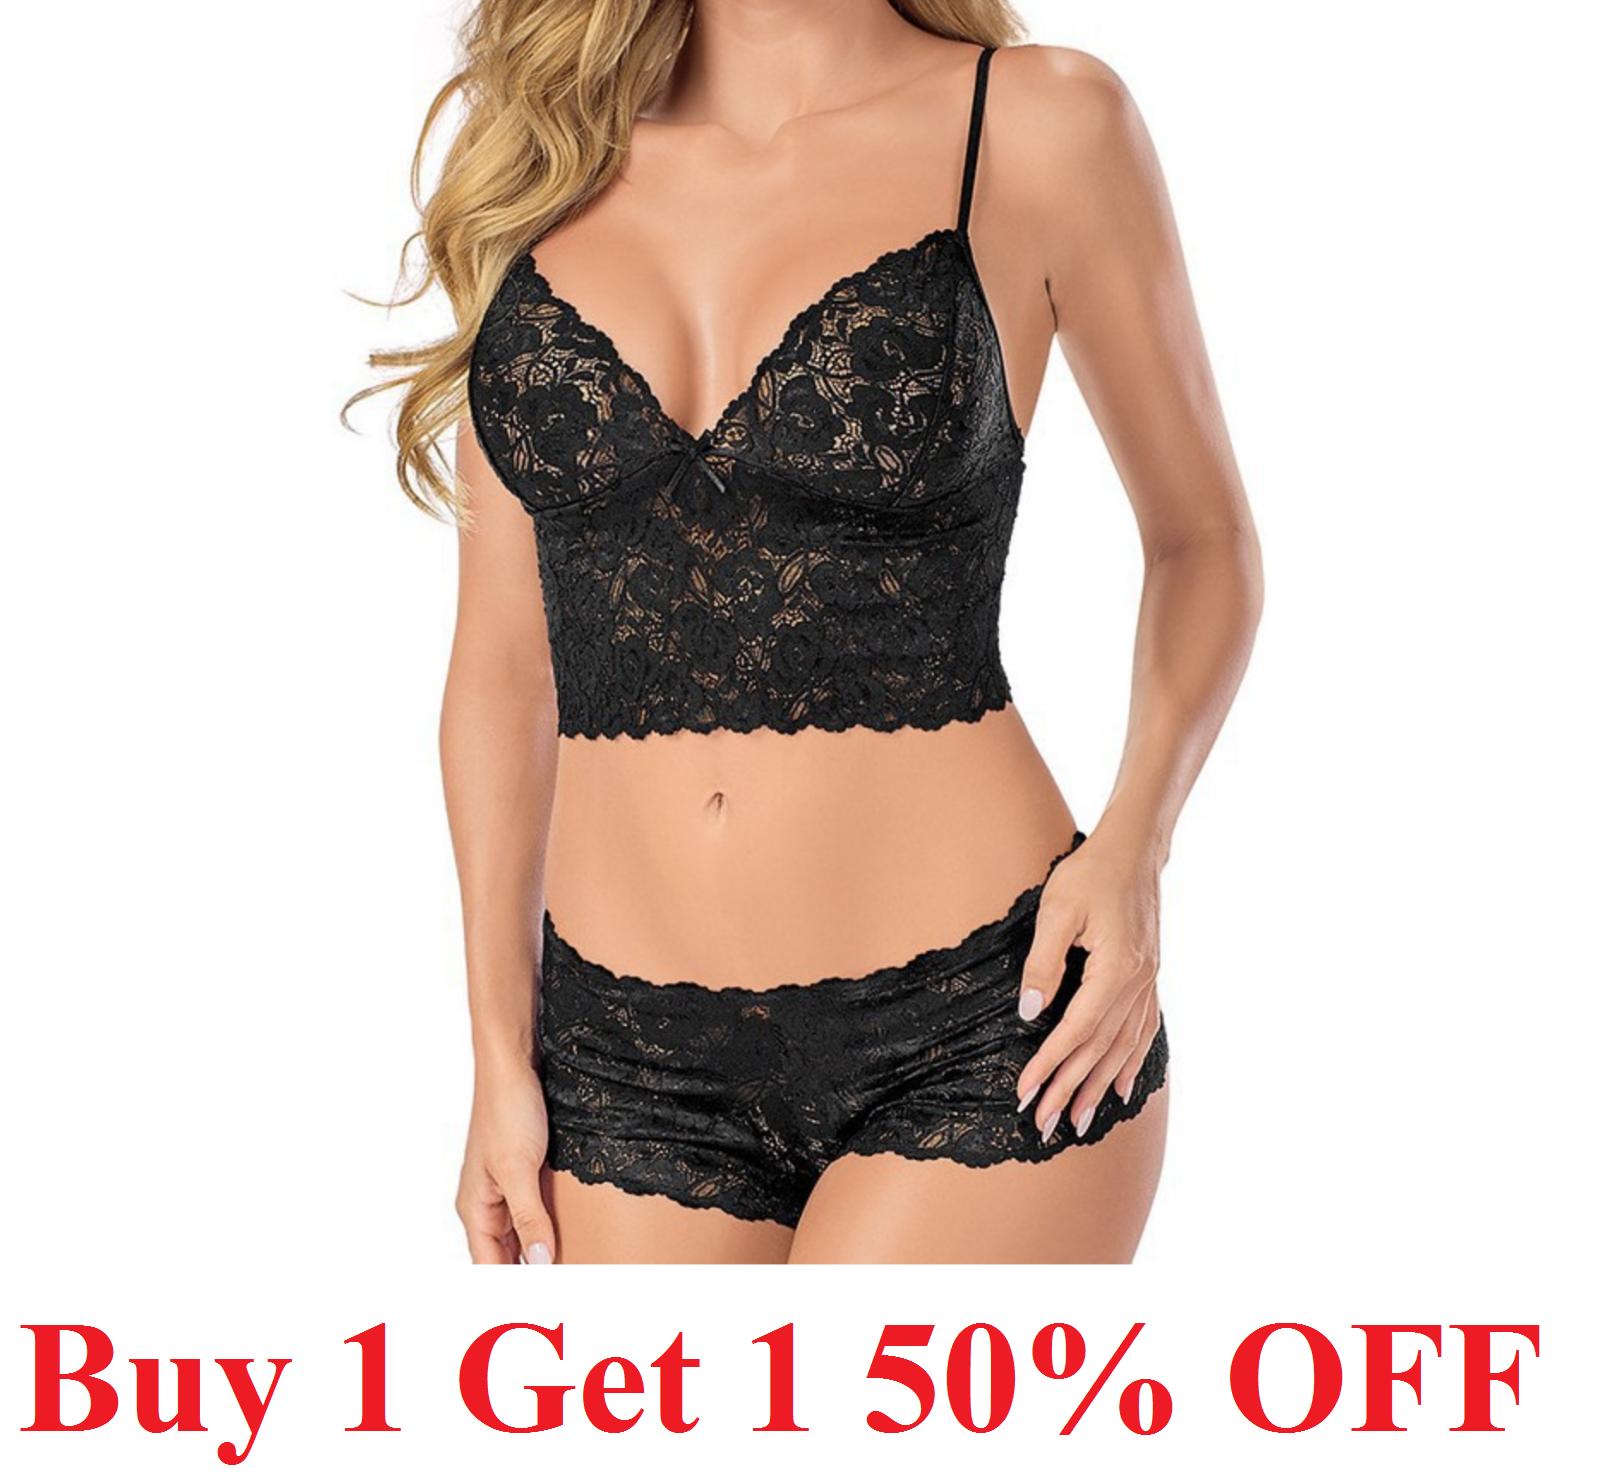 . Women Sexy Lace Lingerie Bralette Bra Set Thong Underwear Nightwear Sleepwear Clothing, Shoes & Accessories